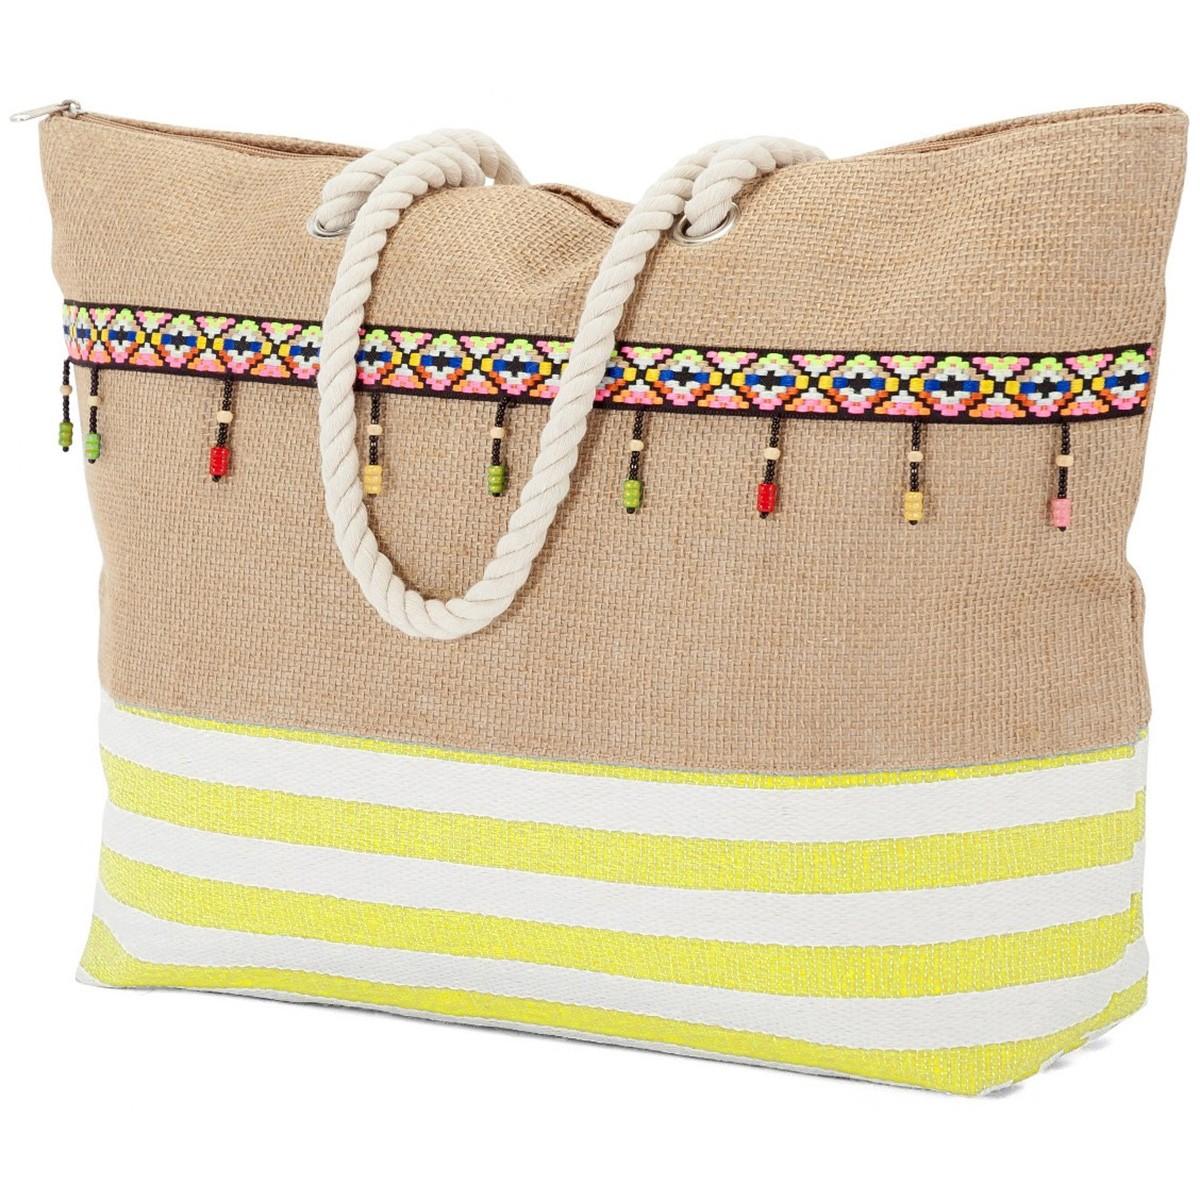 Ψάθινη Τσάντα Παραλίας Benzi 5211 Yellow home   θαλάσσης   τσάντες θαλάσσης